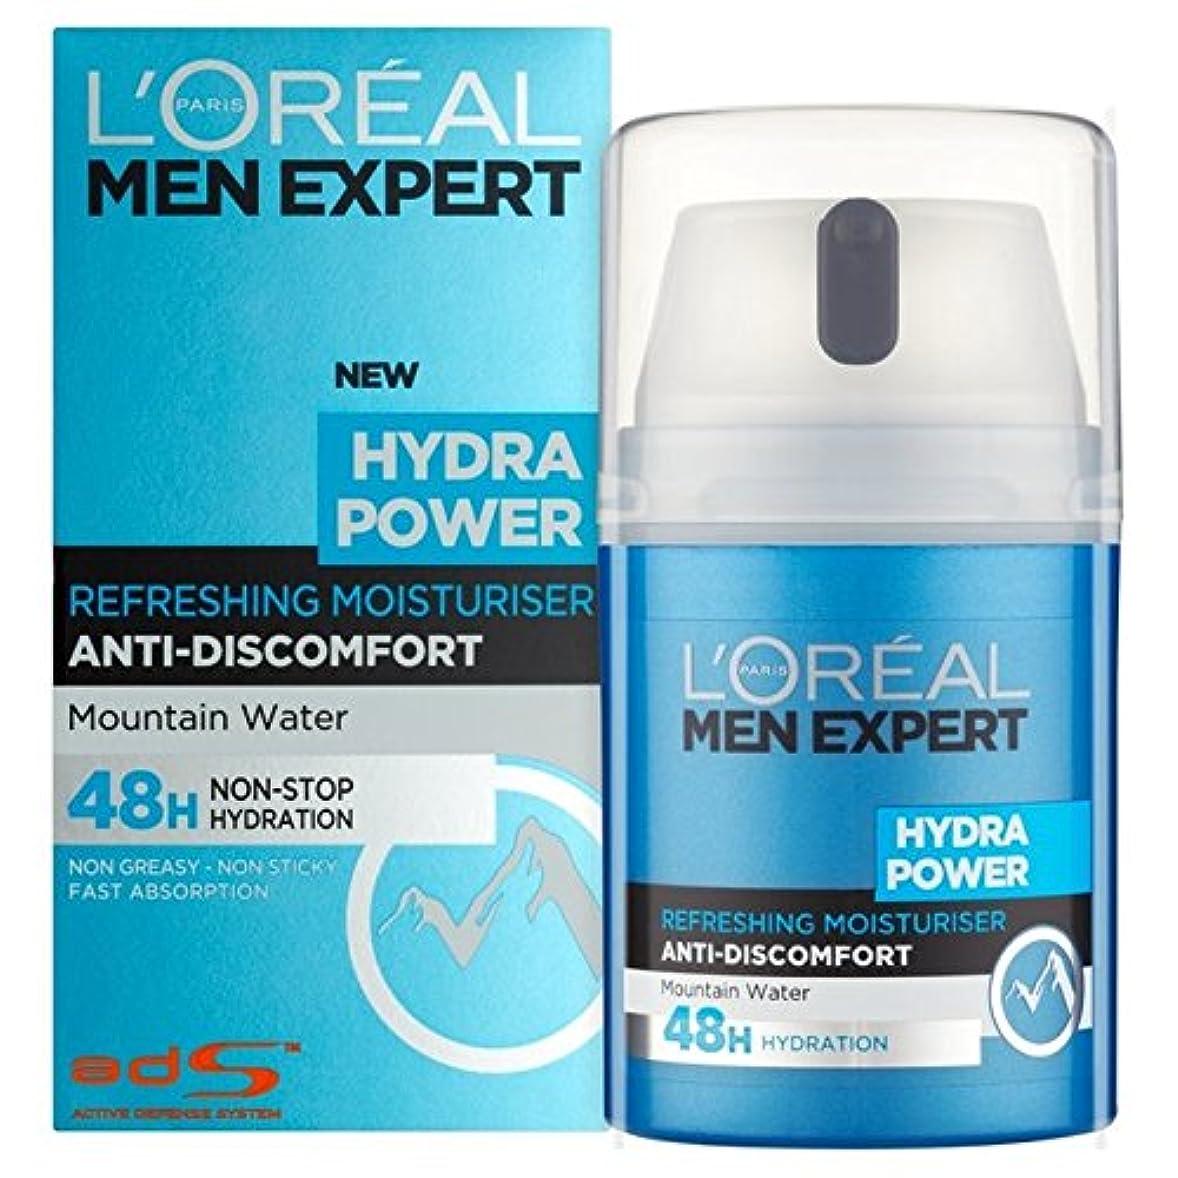 描写コインランドリー条件付きL'Oreal Paris Men Expert Hydra Power Refreshing Moisturiser 50ml - ロレアルパリのメンズ専門ヒドラ電源爽やか保湿50ミリリットル [並行輸入品]